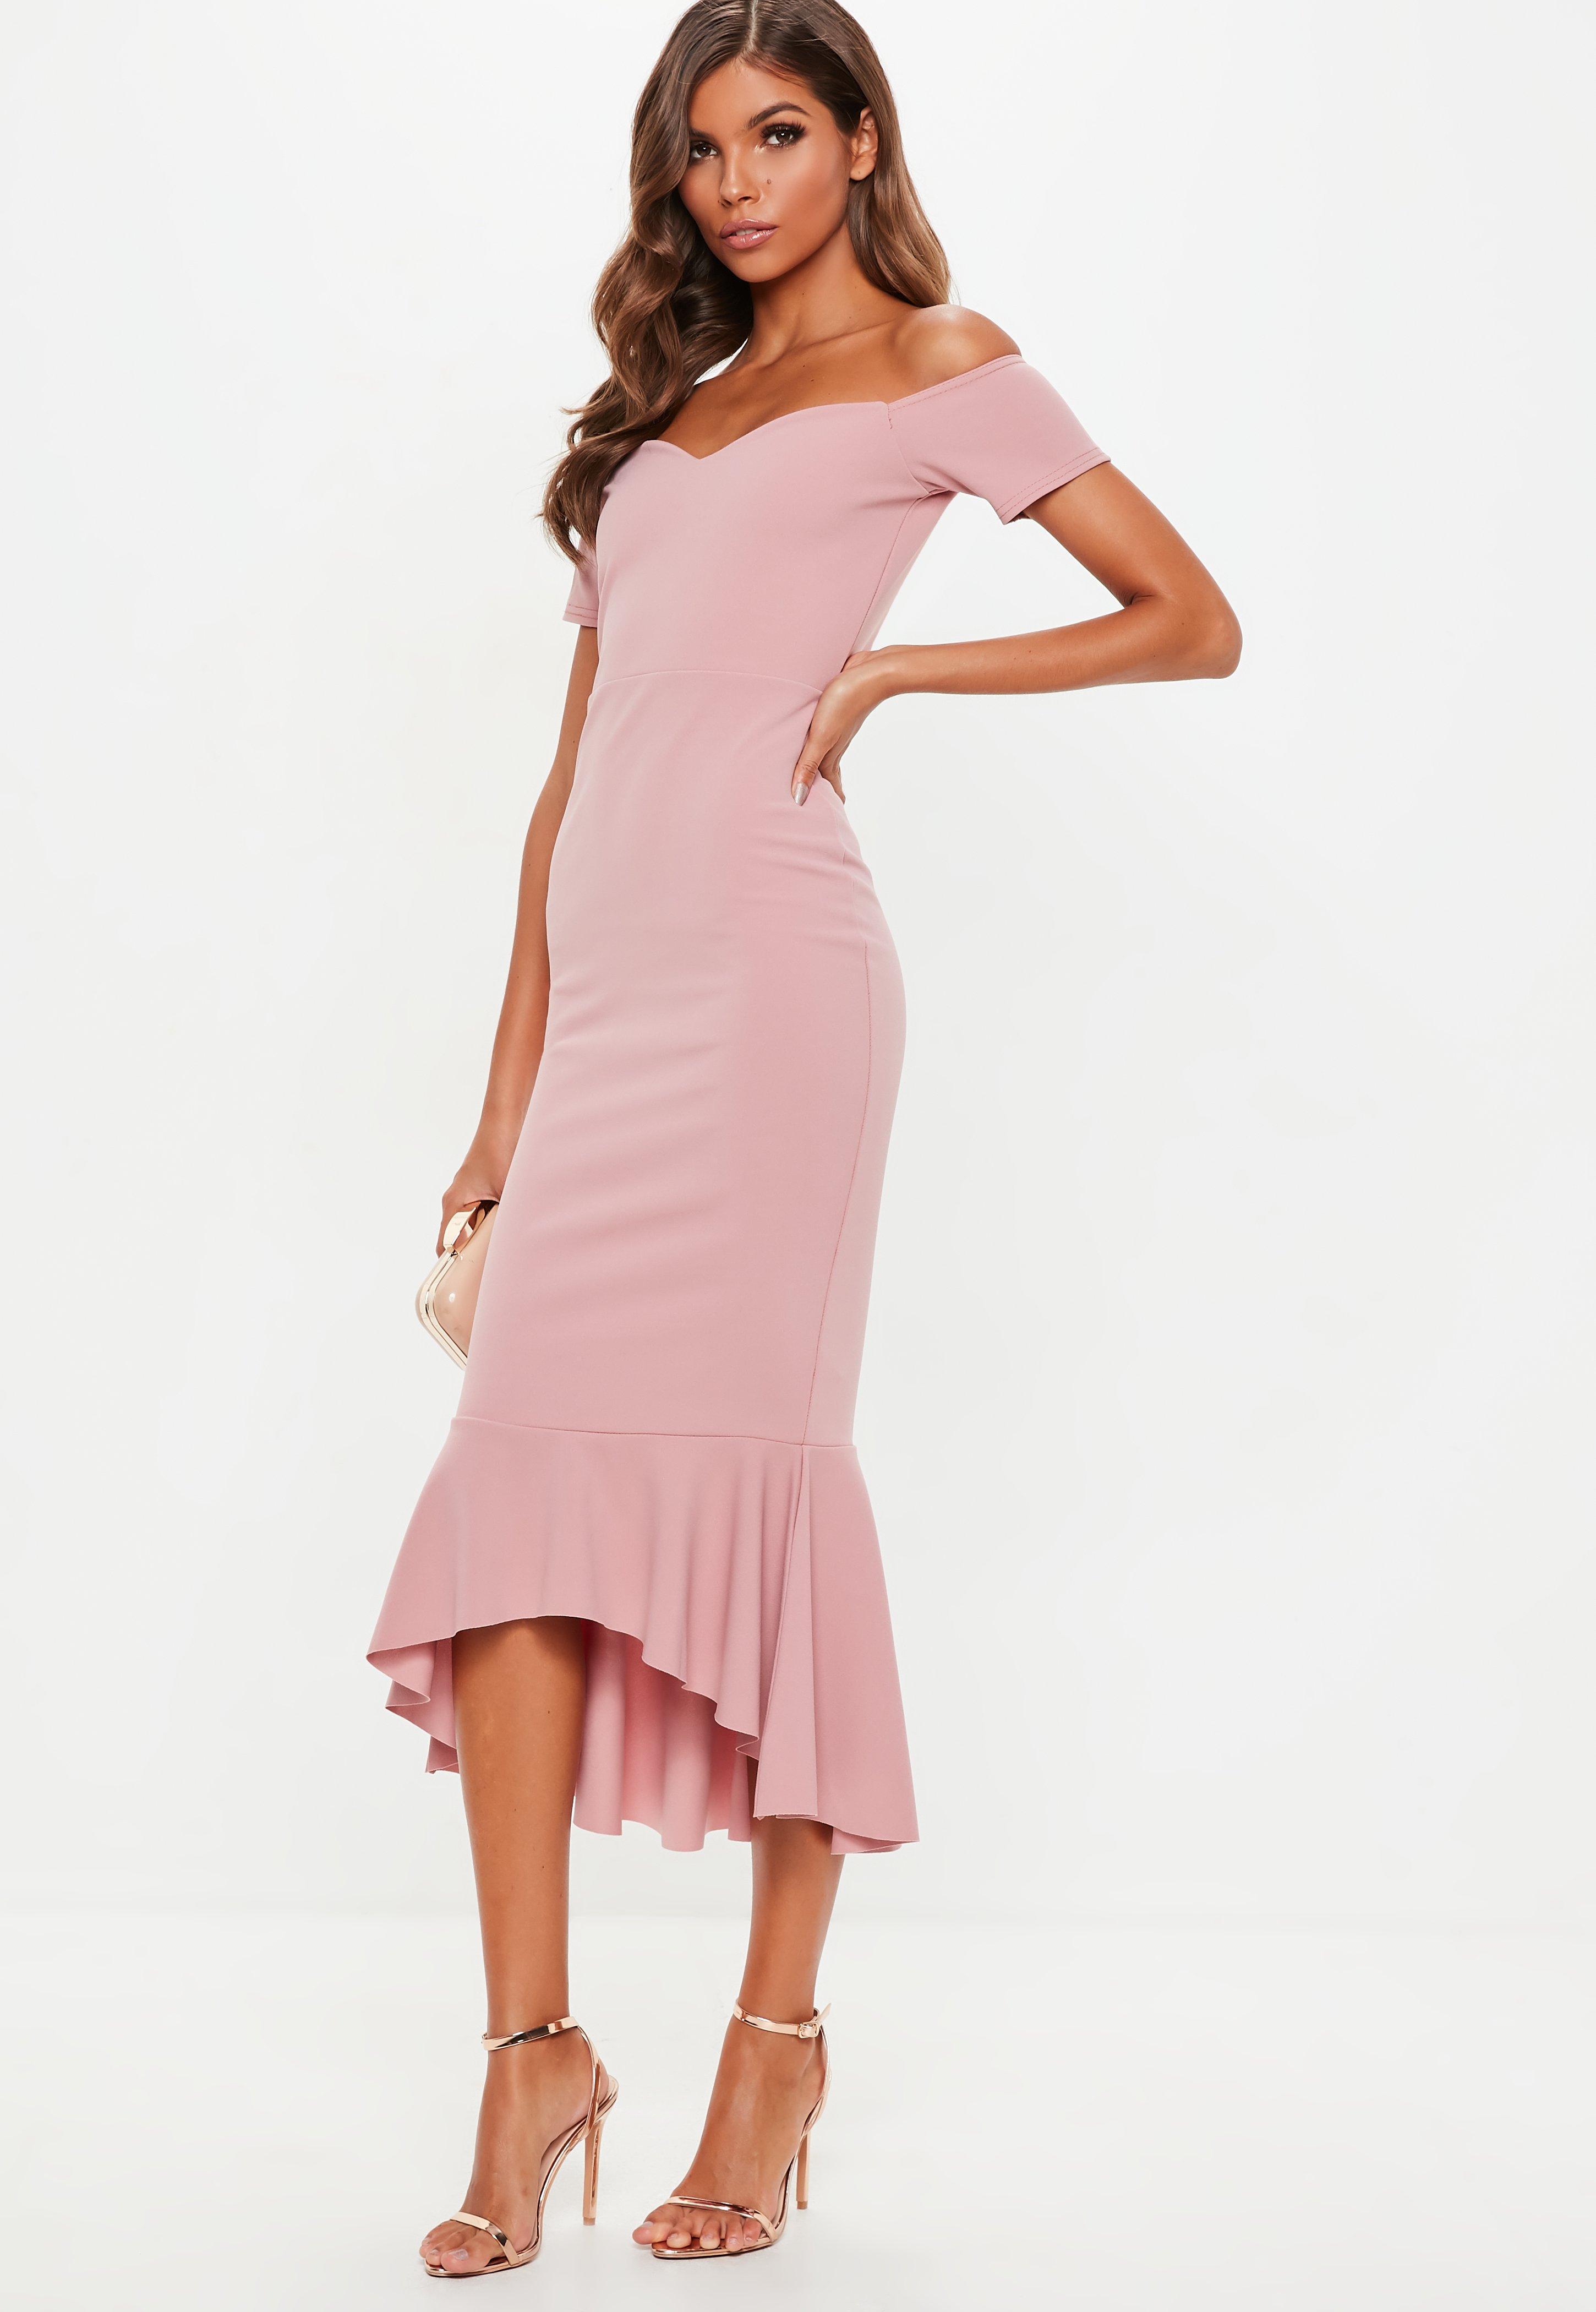 b04a92d75d0c2 Missguided Rose Pink Bardot Fishtail Hem Midi Dress in Pink - Lyst